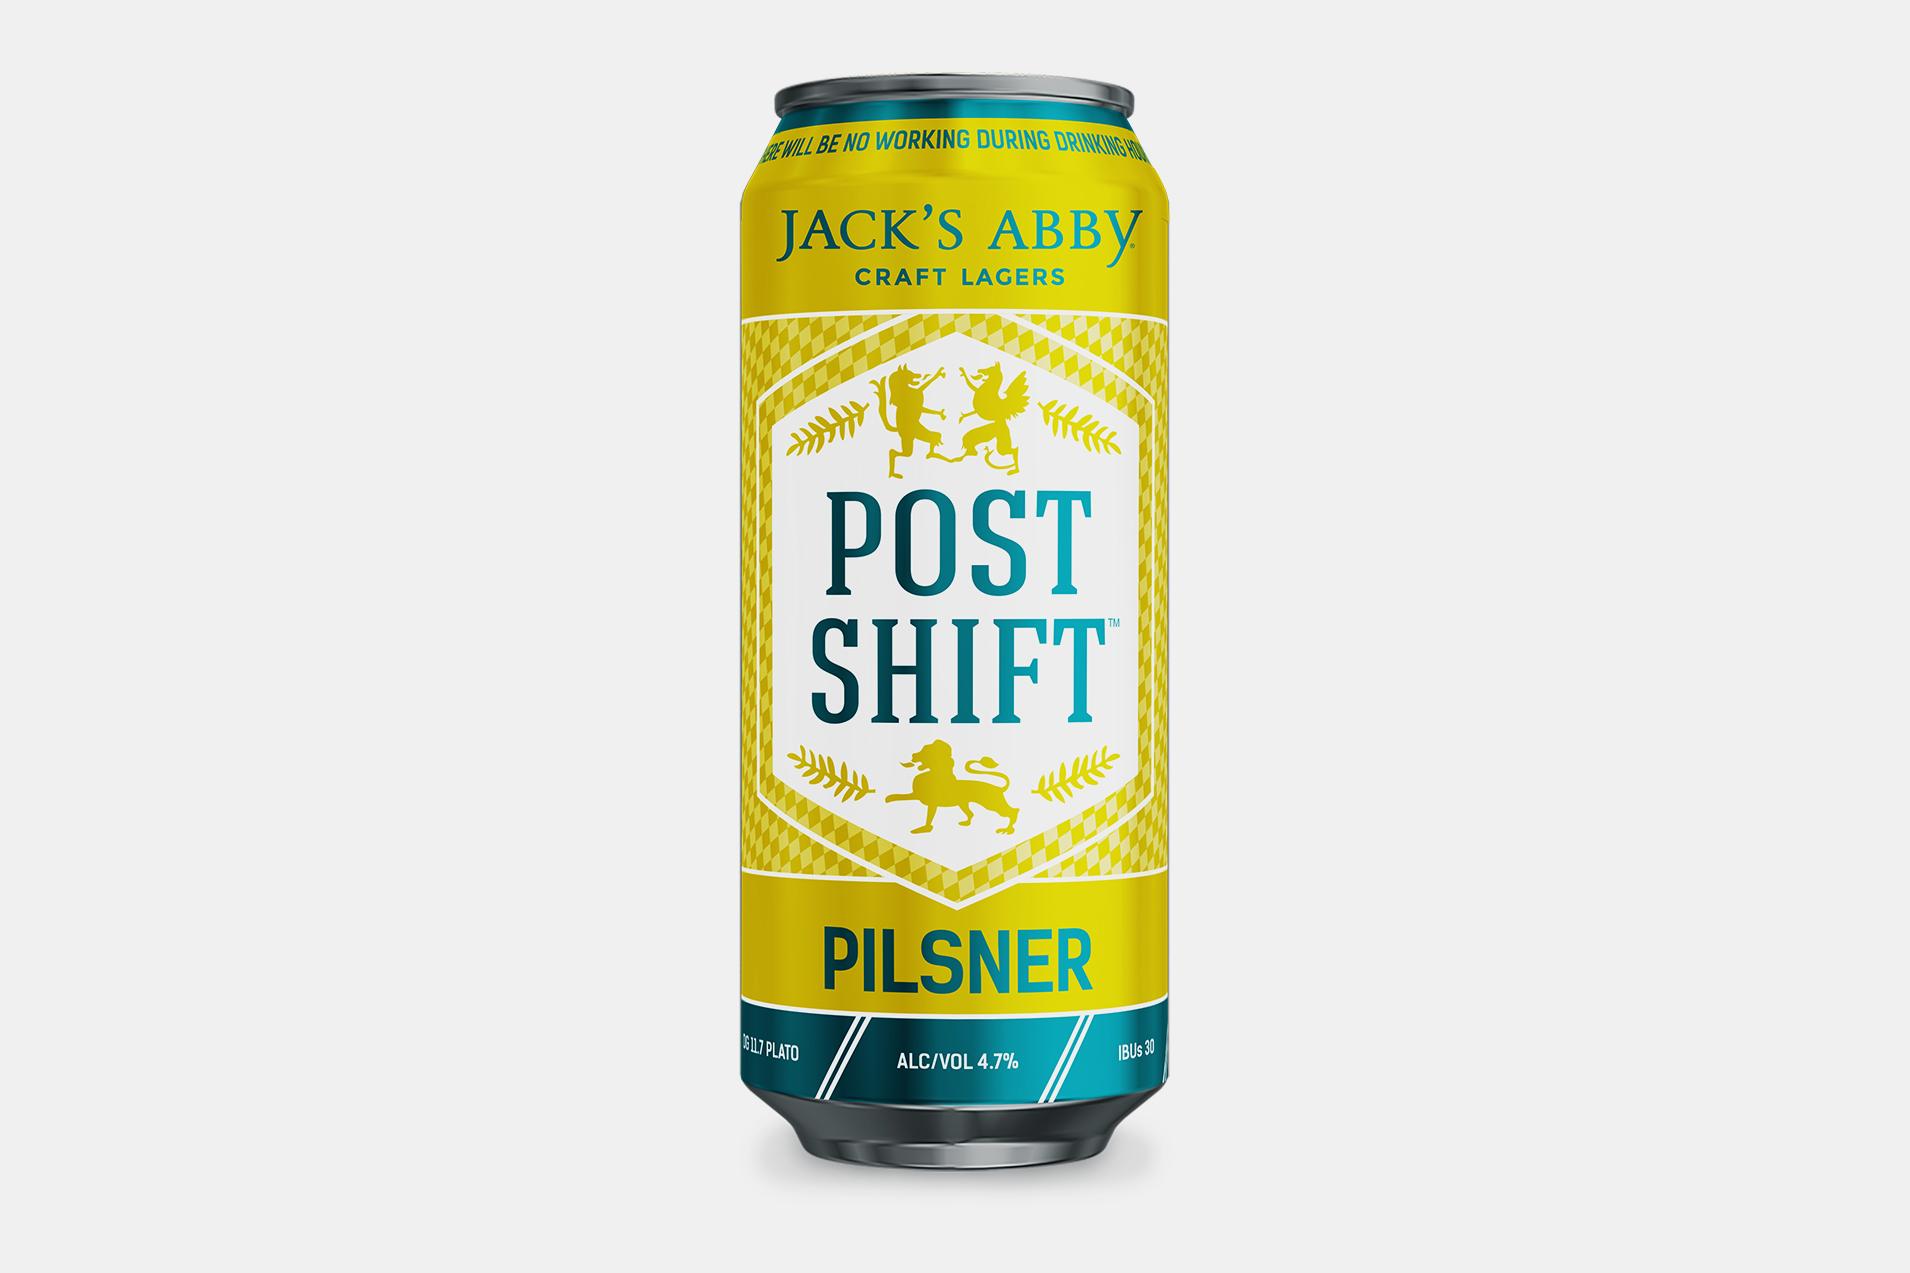 Jack's Abby Post Shift Pilsner